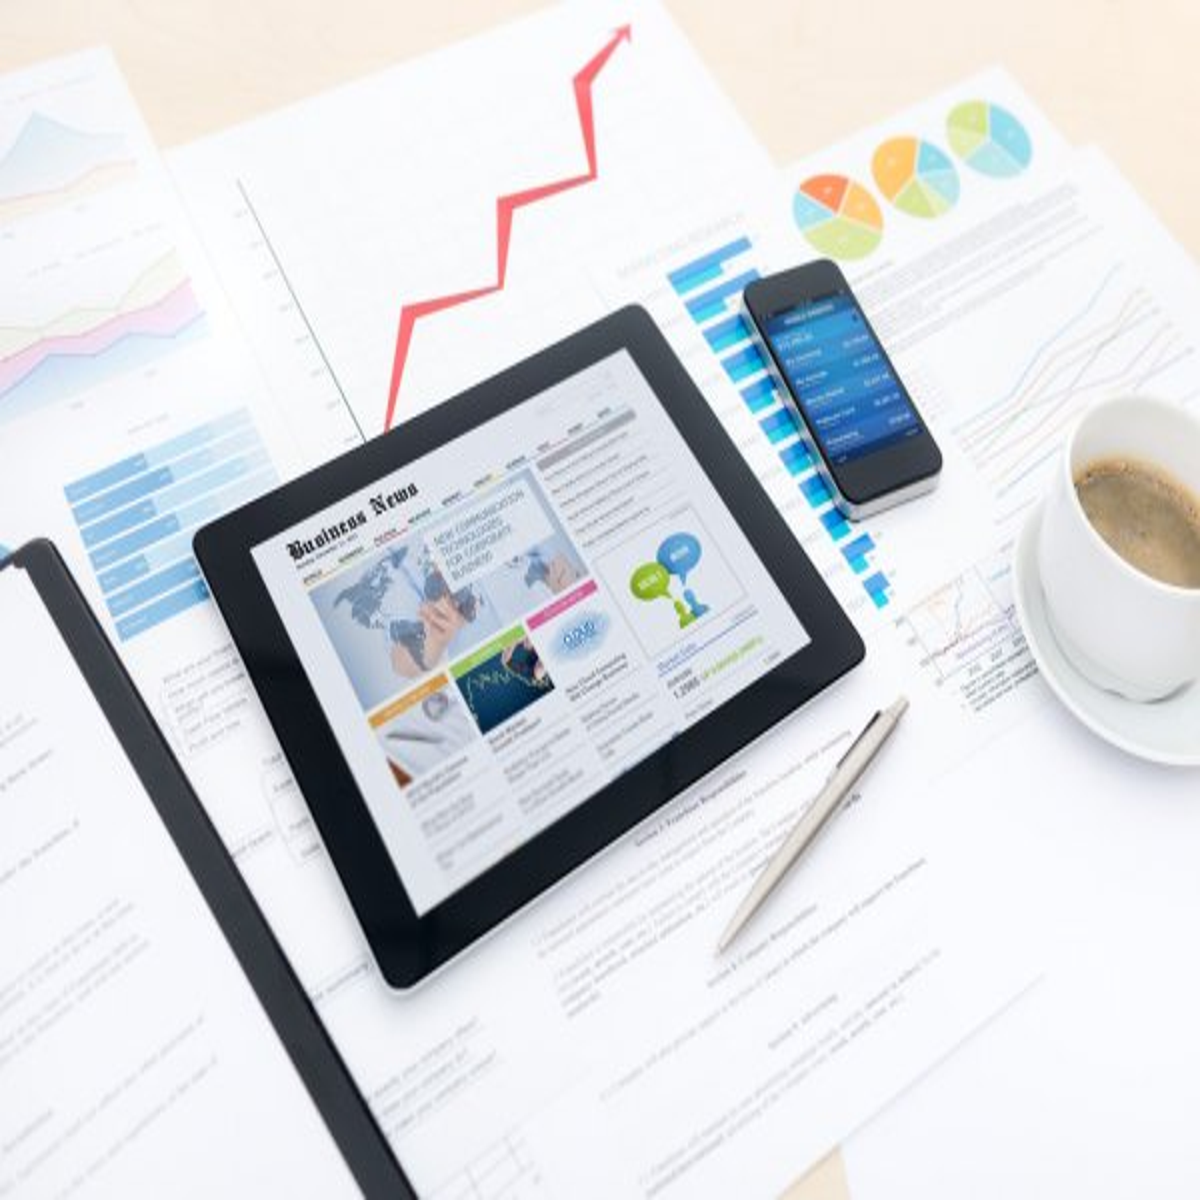 В Киеве водитель переехал утят: авто принадлежит Подкопаевой, она отрицает причастность